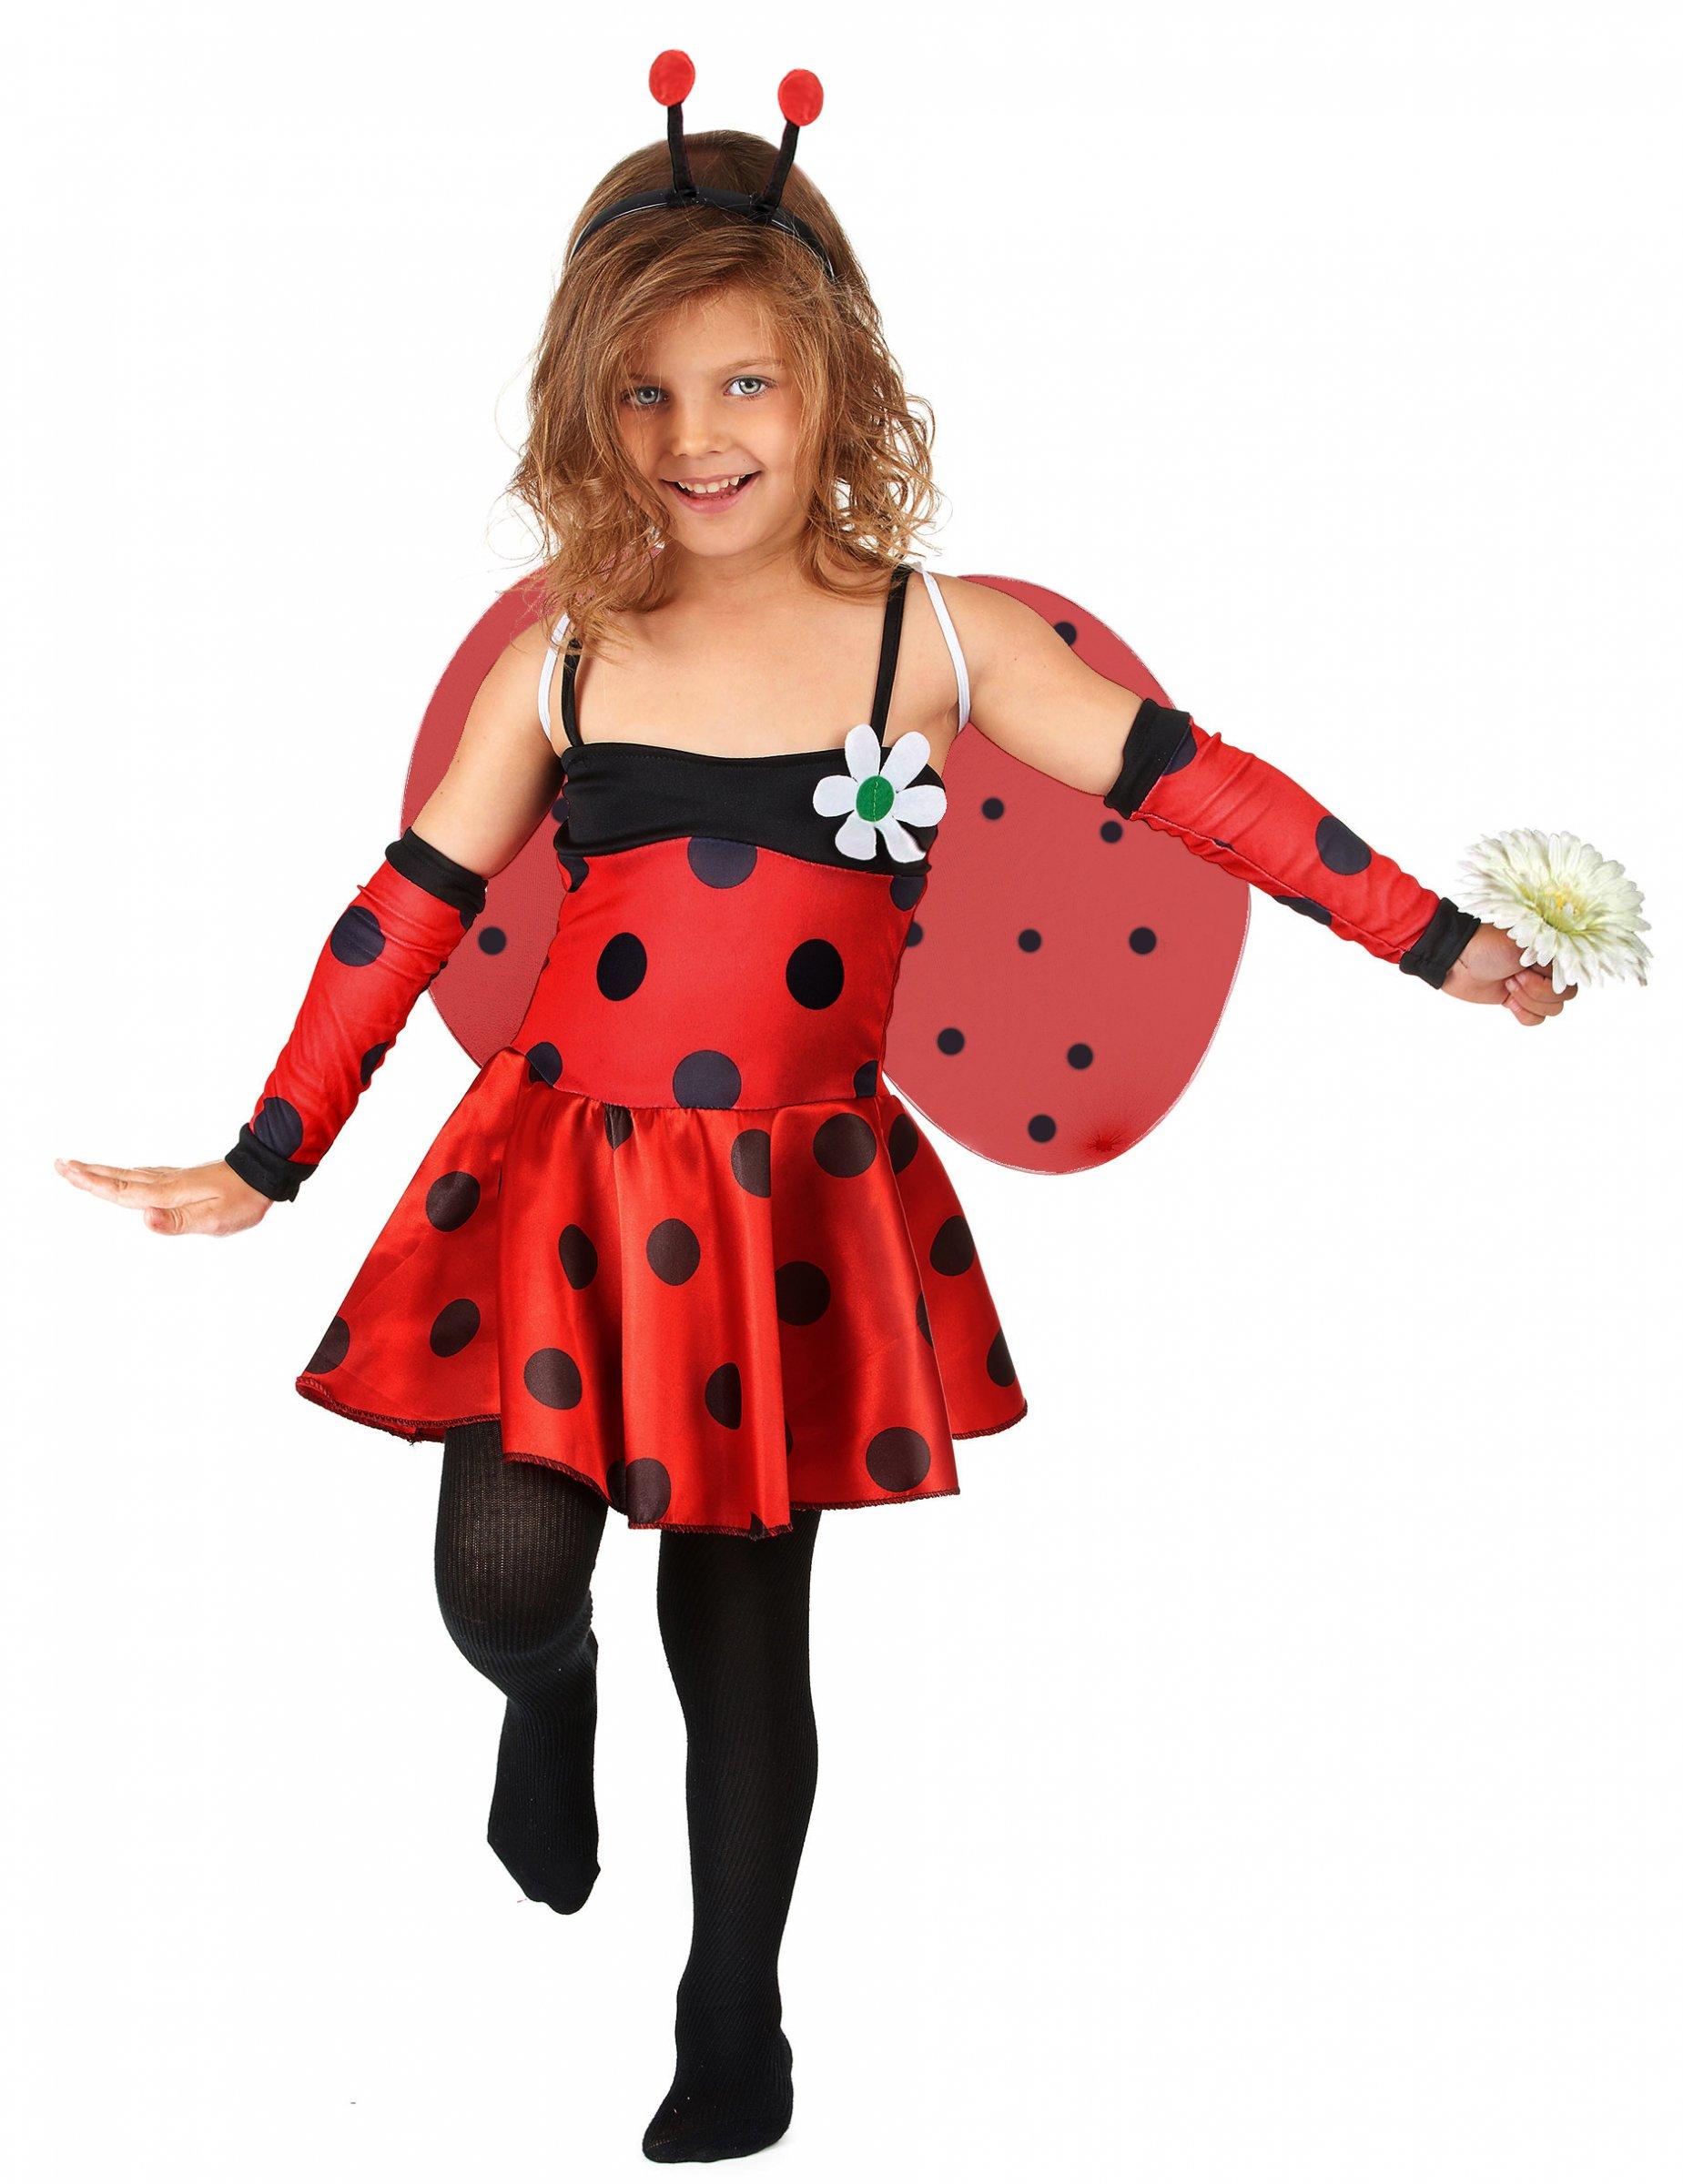 Costume da coccinella per bimba su VegaooParty f8462b4ad7c